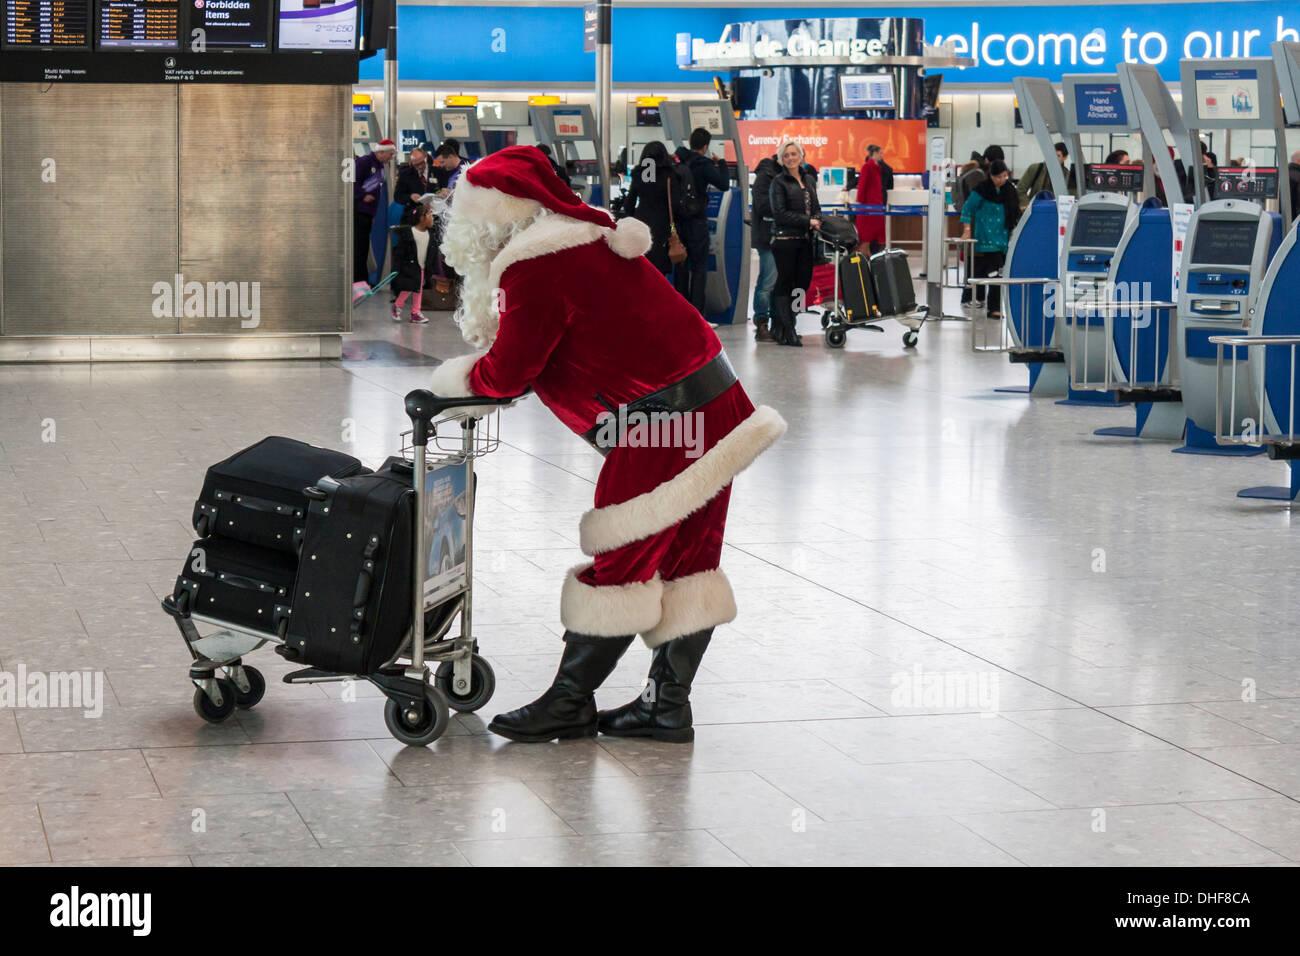 Weihnachtsmann wartet am T5 Flughafen Heathrow, London.  Weihnachten Reisekonzept Verzögerungen. Stockbild